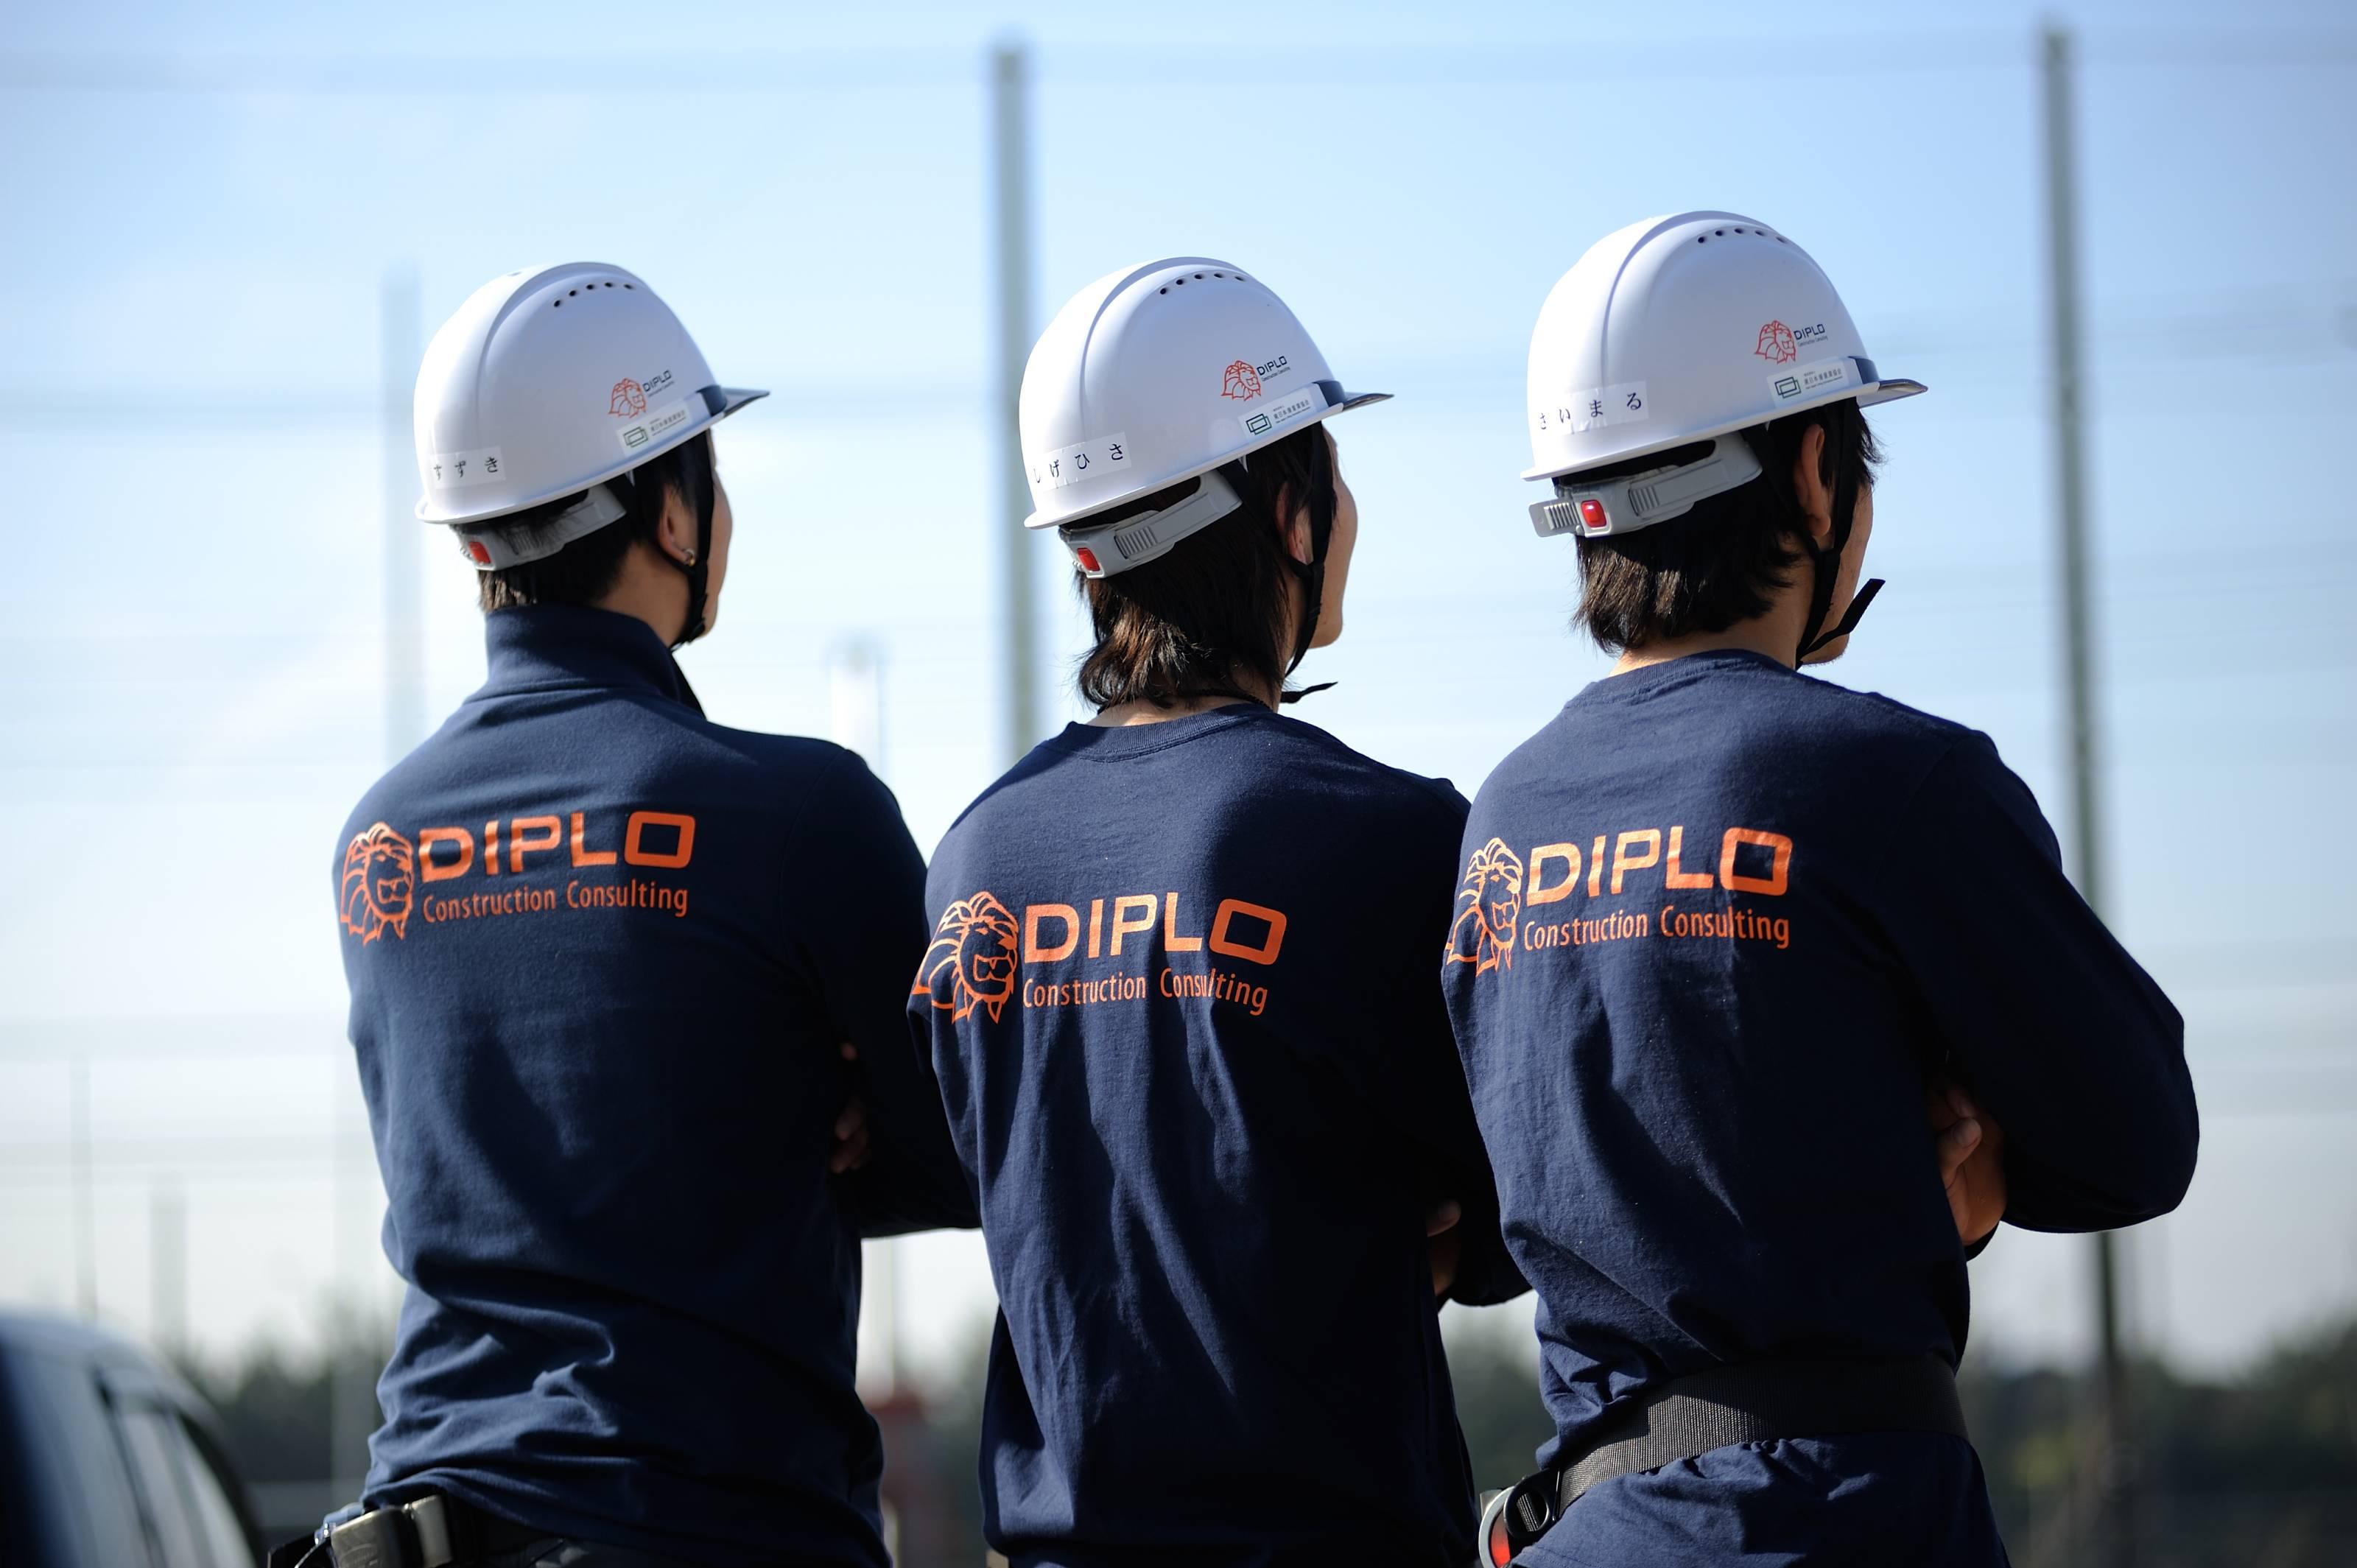 株式会社ディプロ